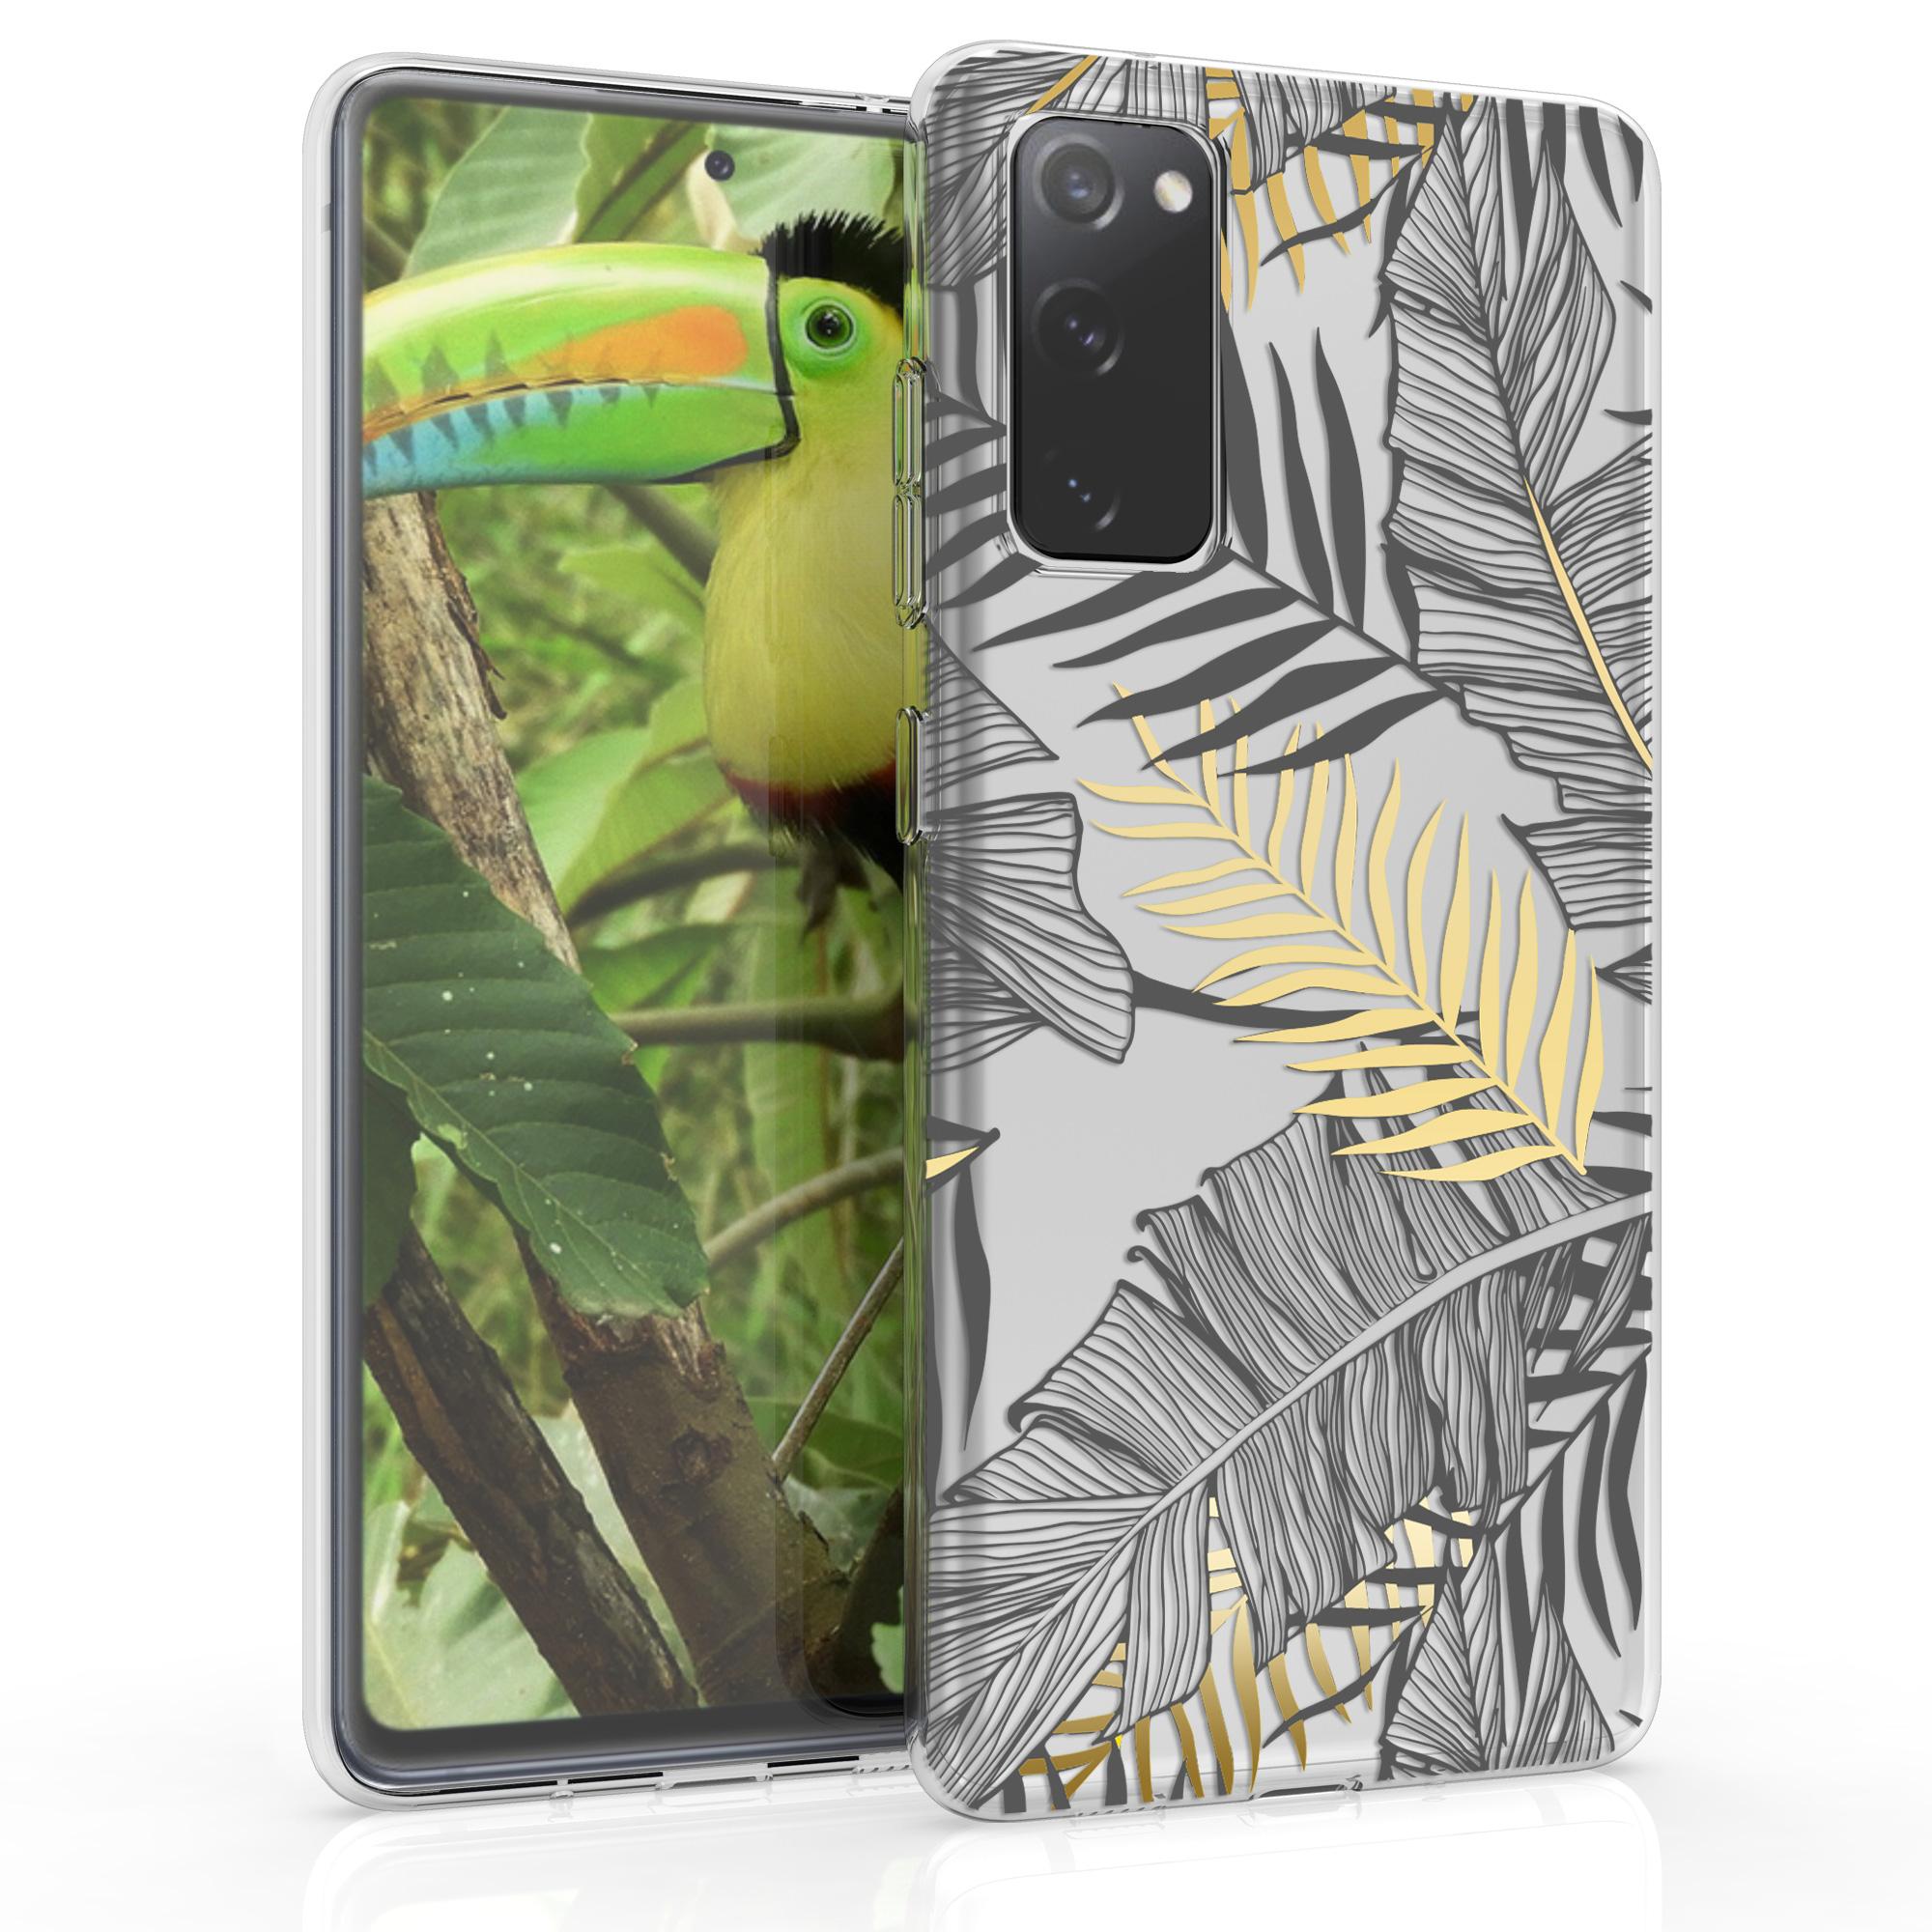 Silikonové pouzdro / obal pro Samsung S20 FE s motivem palmy